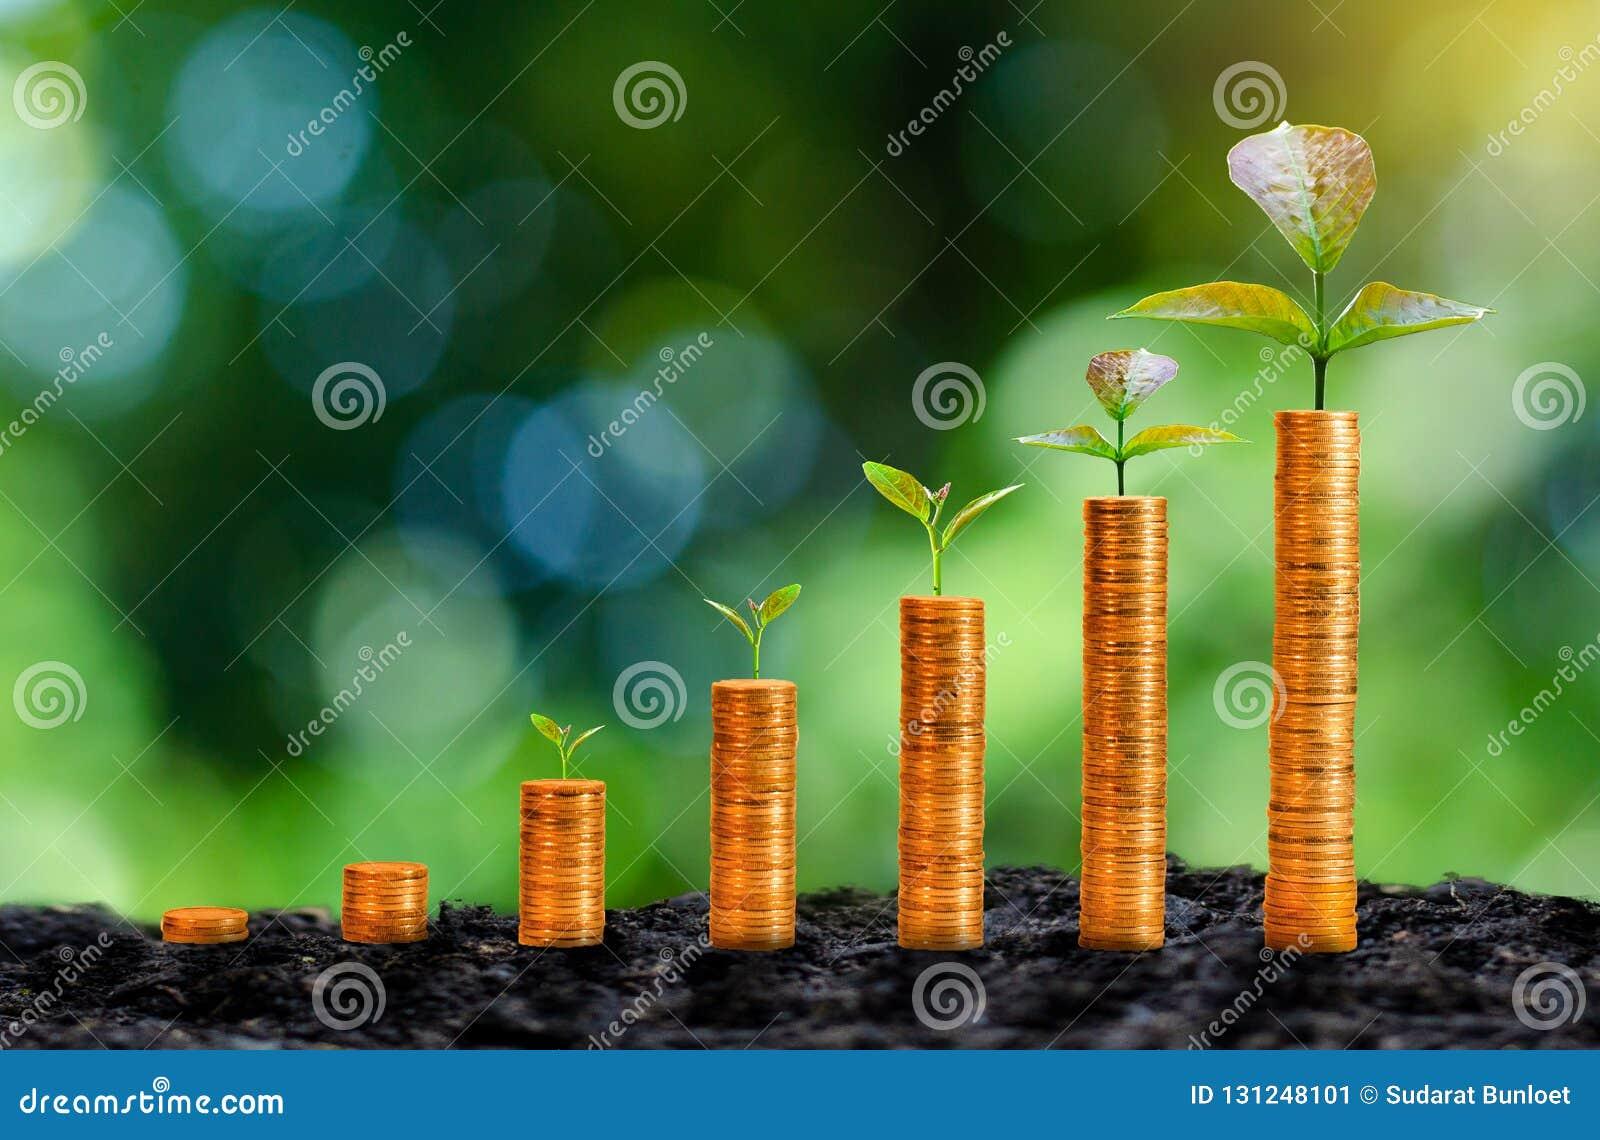 Tillväxten av guld- mynt har ett naturligt grönt bakgrundsträd